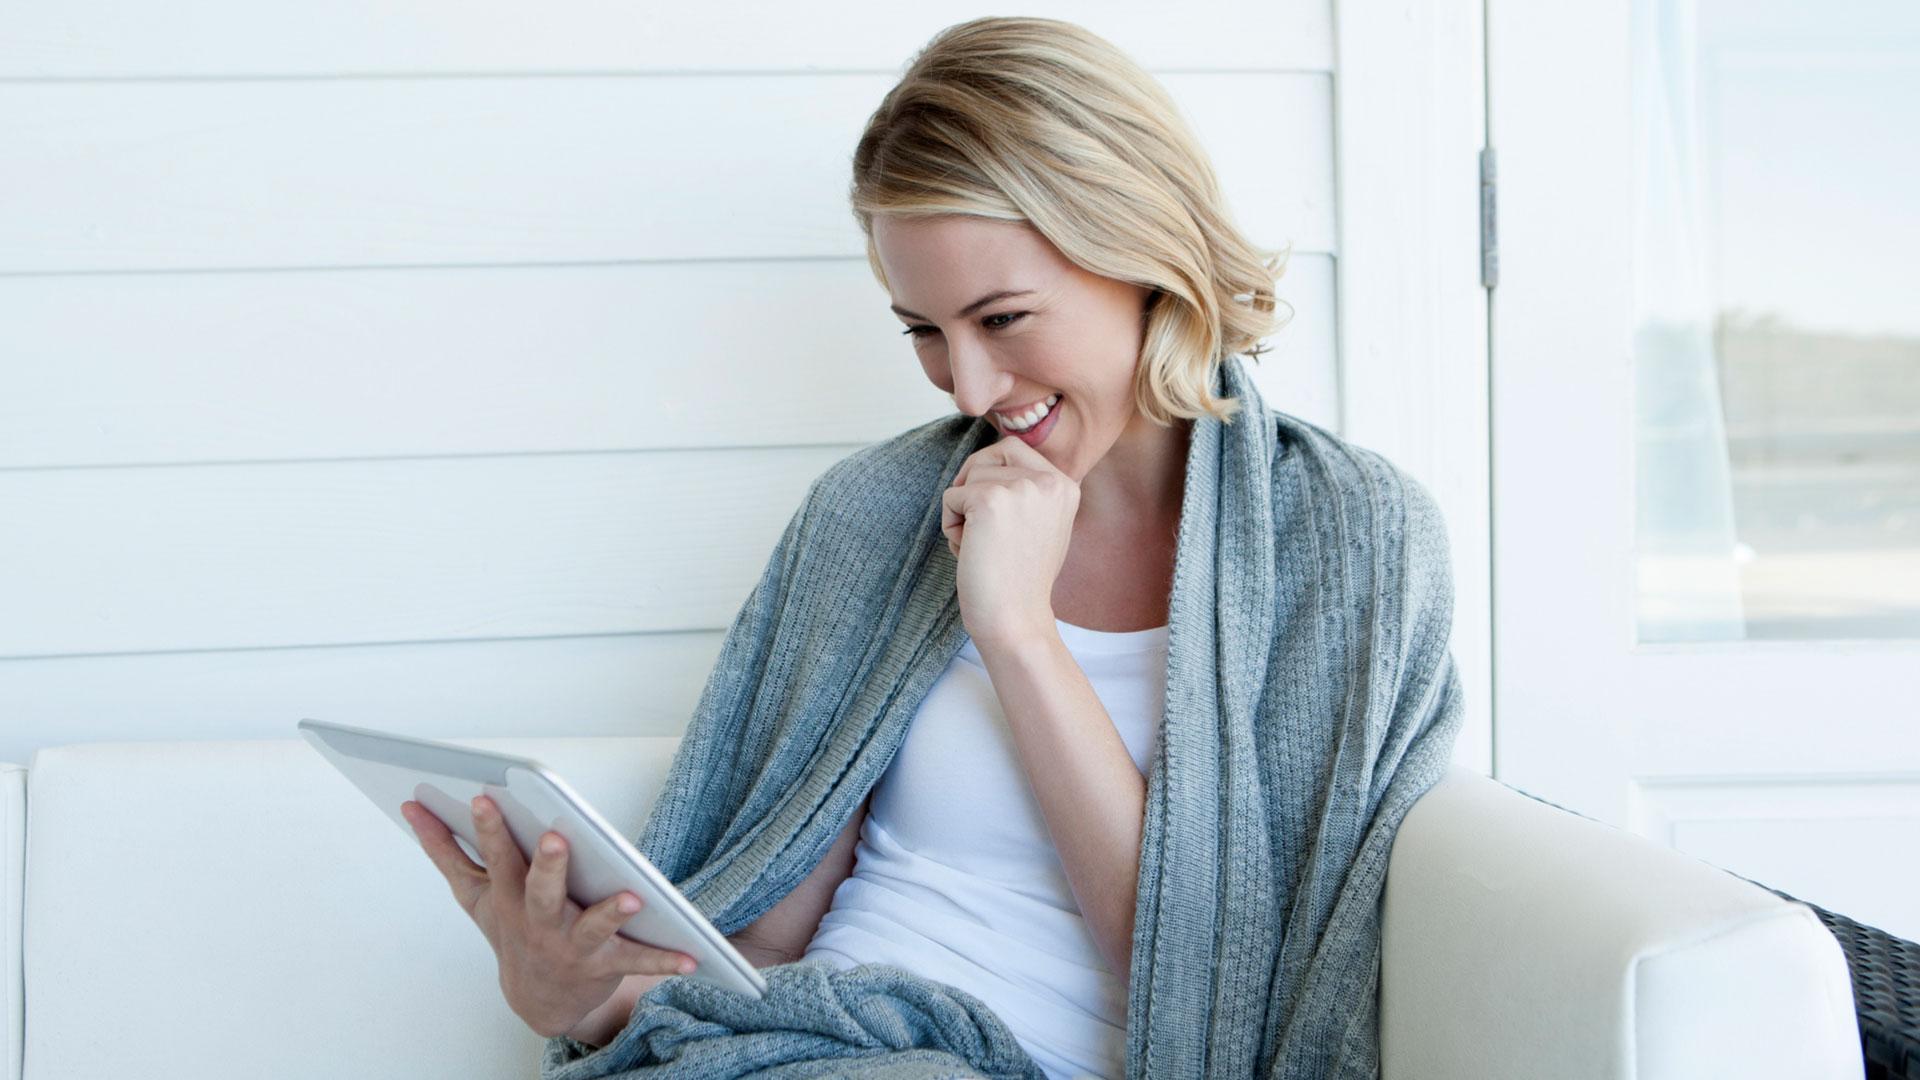 Woman watching uplifting video